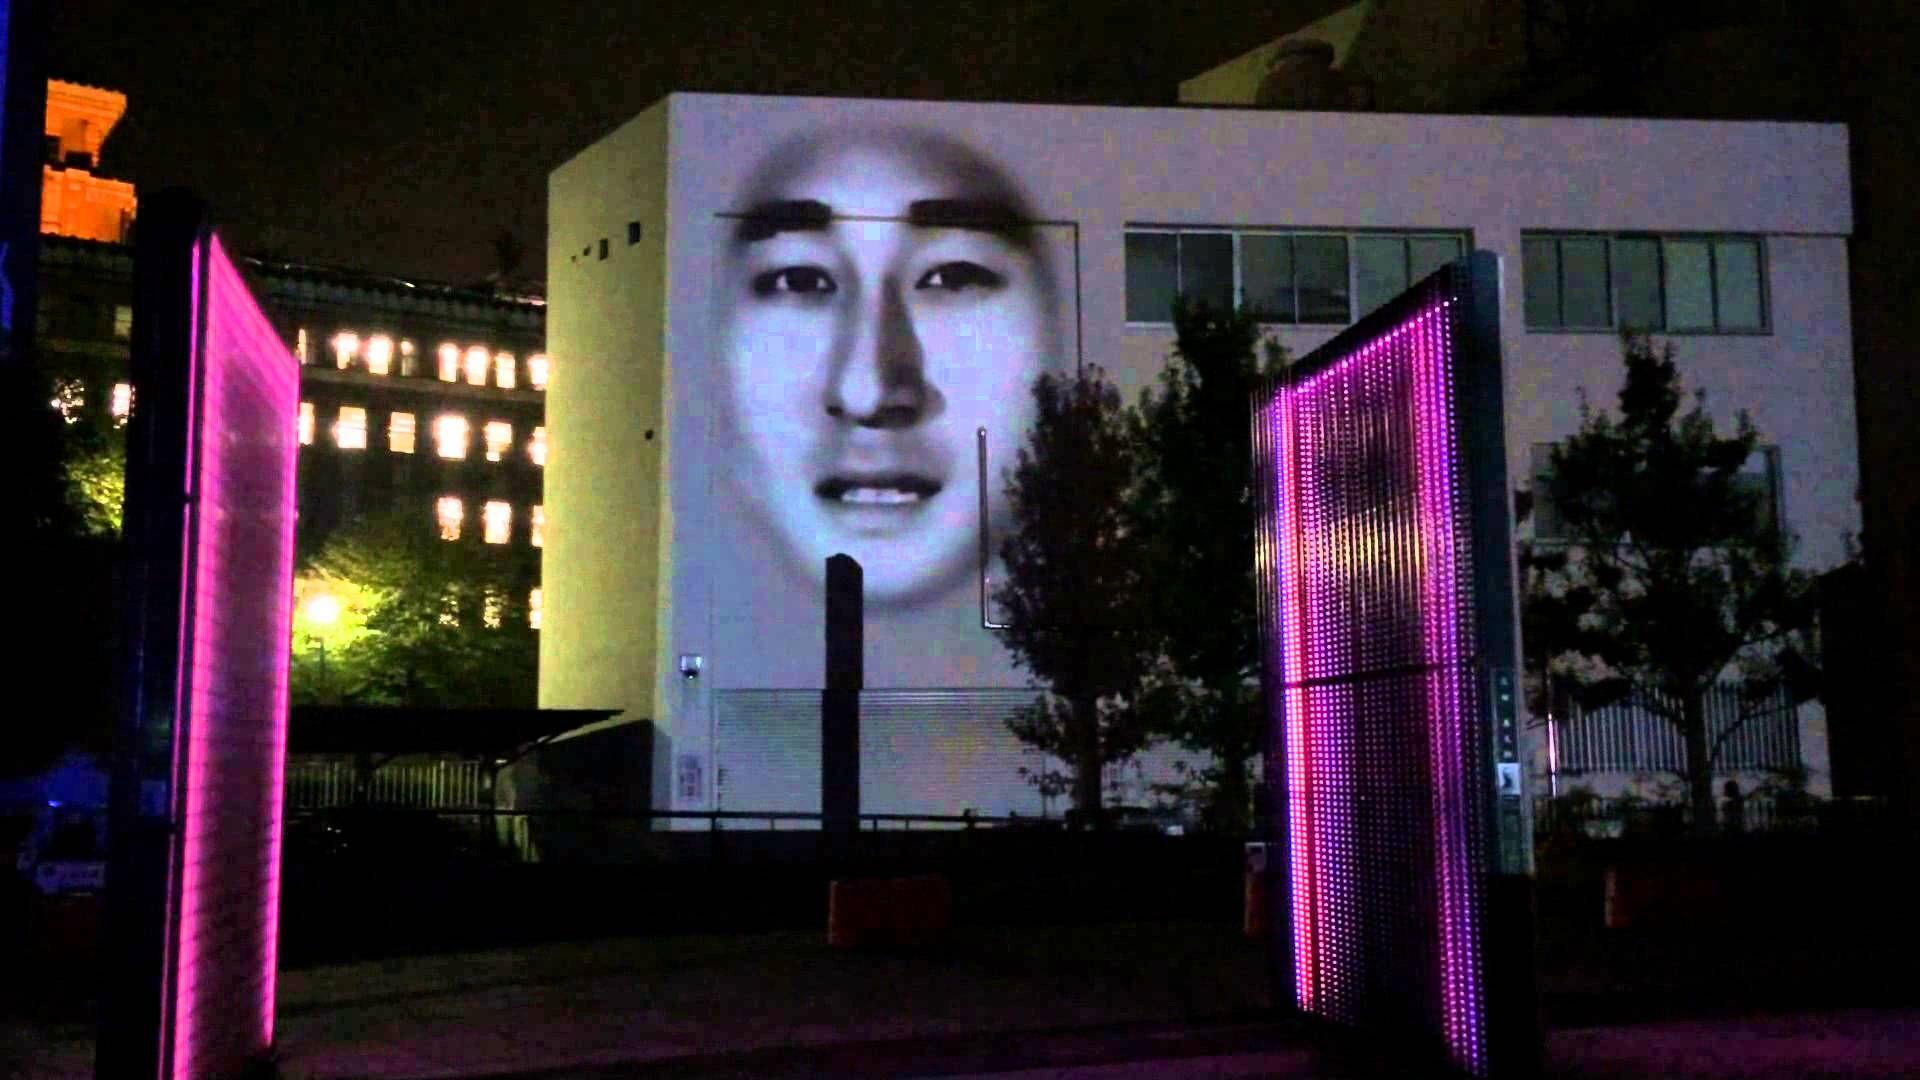 スマートイルミネーション横浜で壁に巨大な顔! Big face on the wall of building!